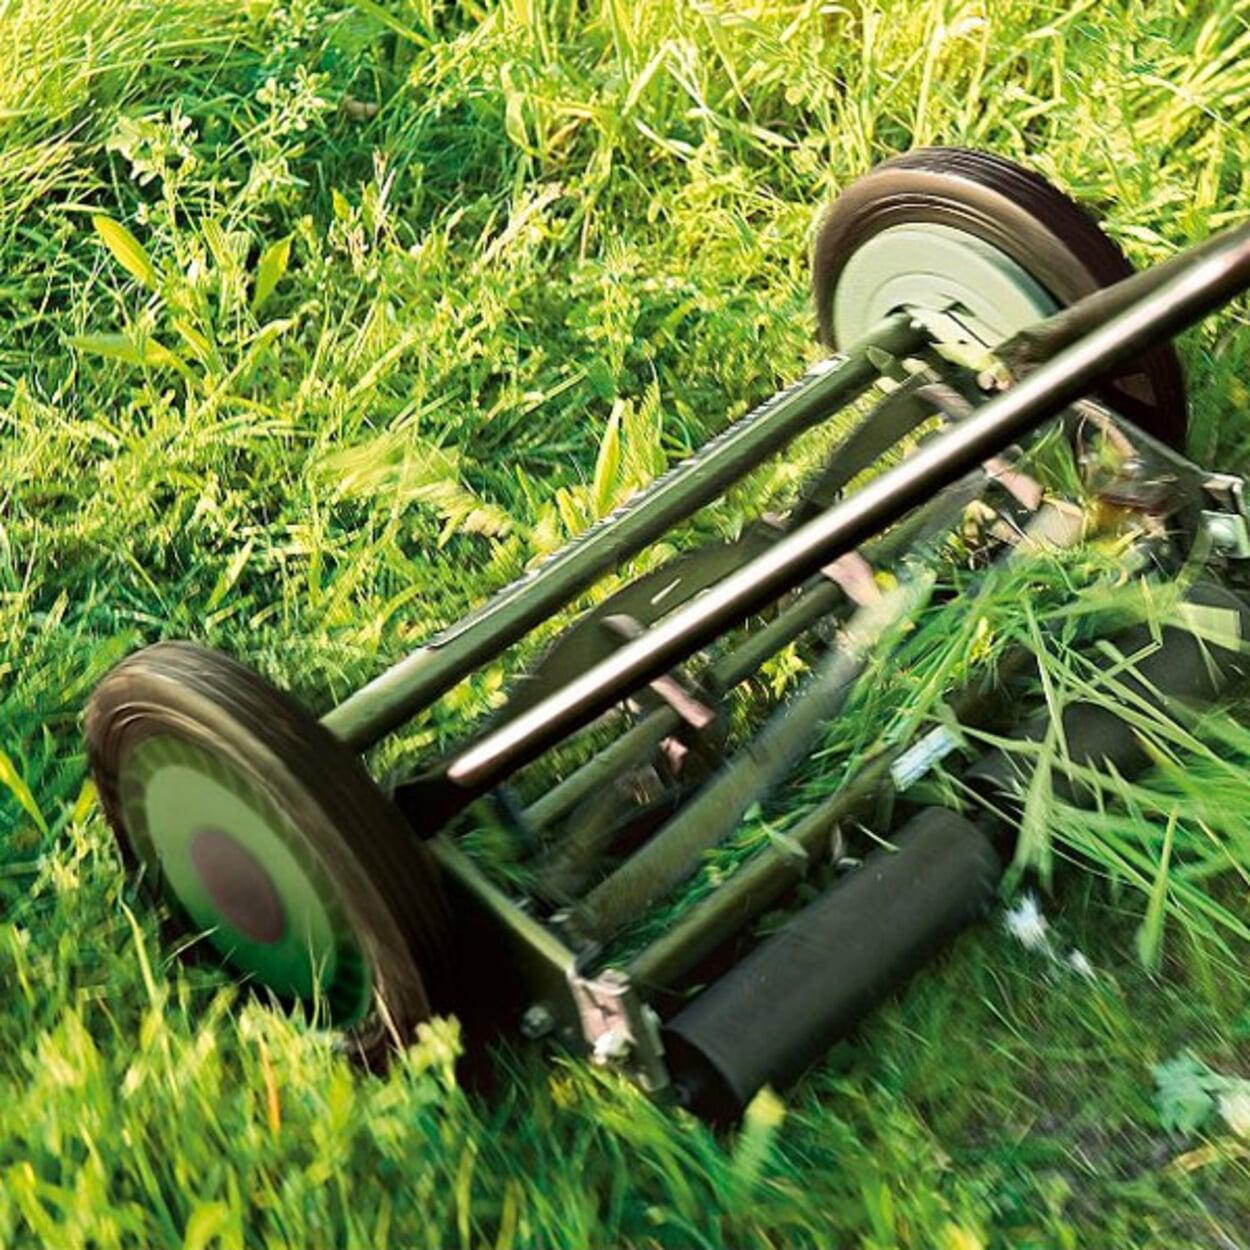 Den Rasen möglichst tief mähen, auf eine Halmlänge von etwa 3 cm.